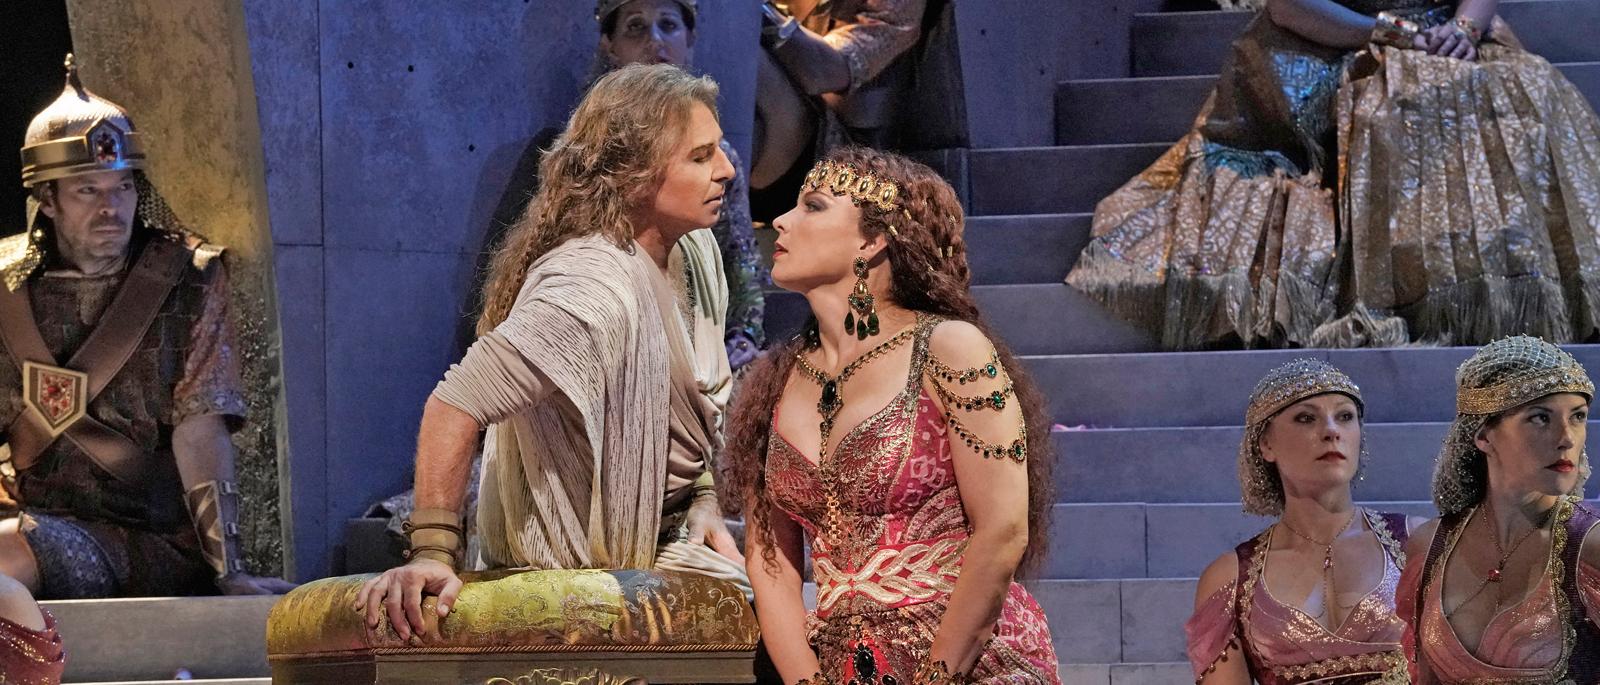 Αποτέλεσμα εικόνας για Samson et Dalila: Darko Tresnjak, Roberto Alagna, and Elīna Garanča Metropolitan Opera